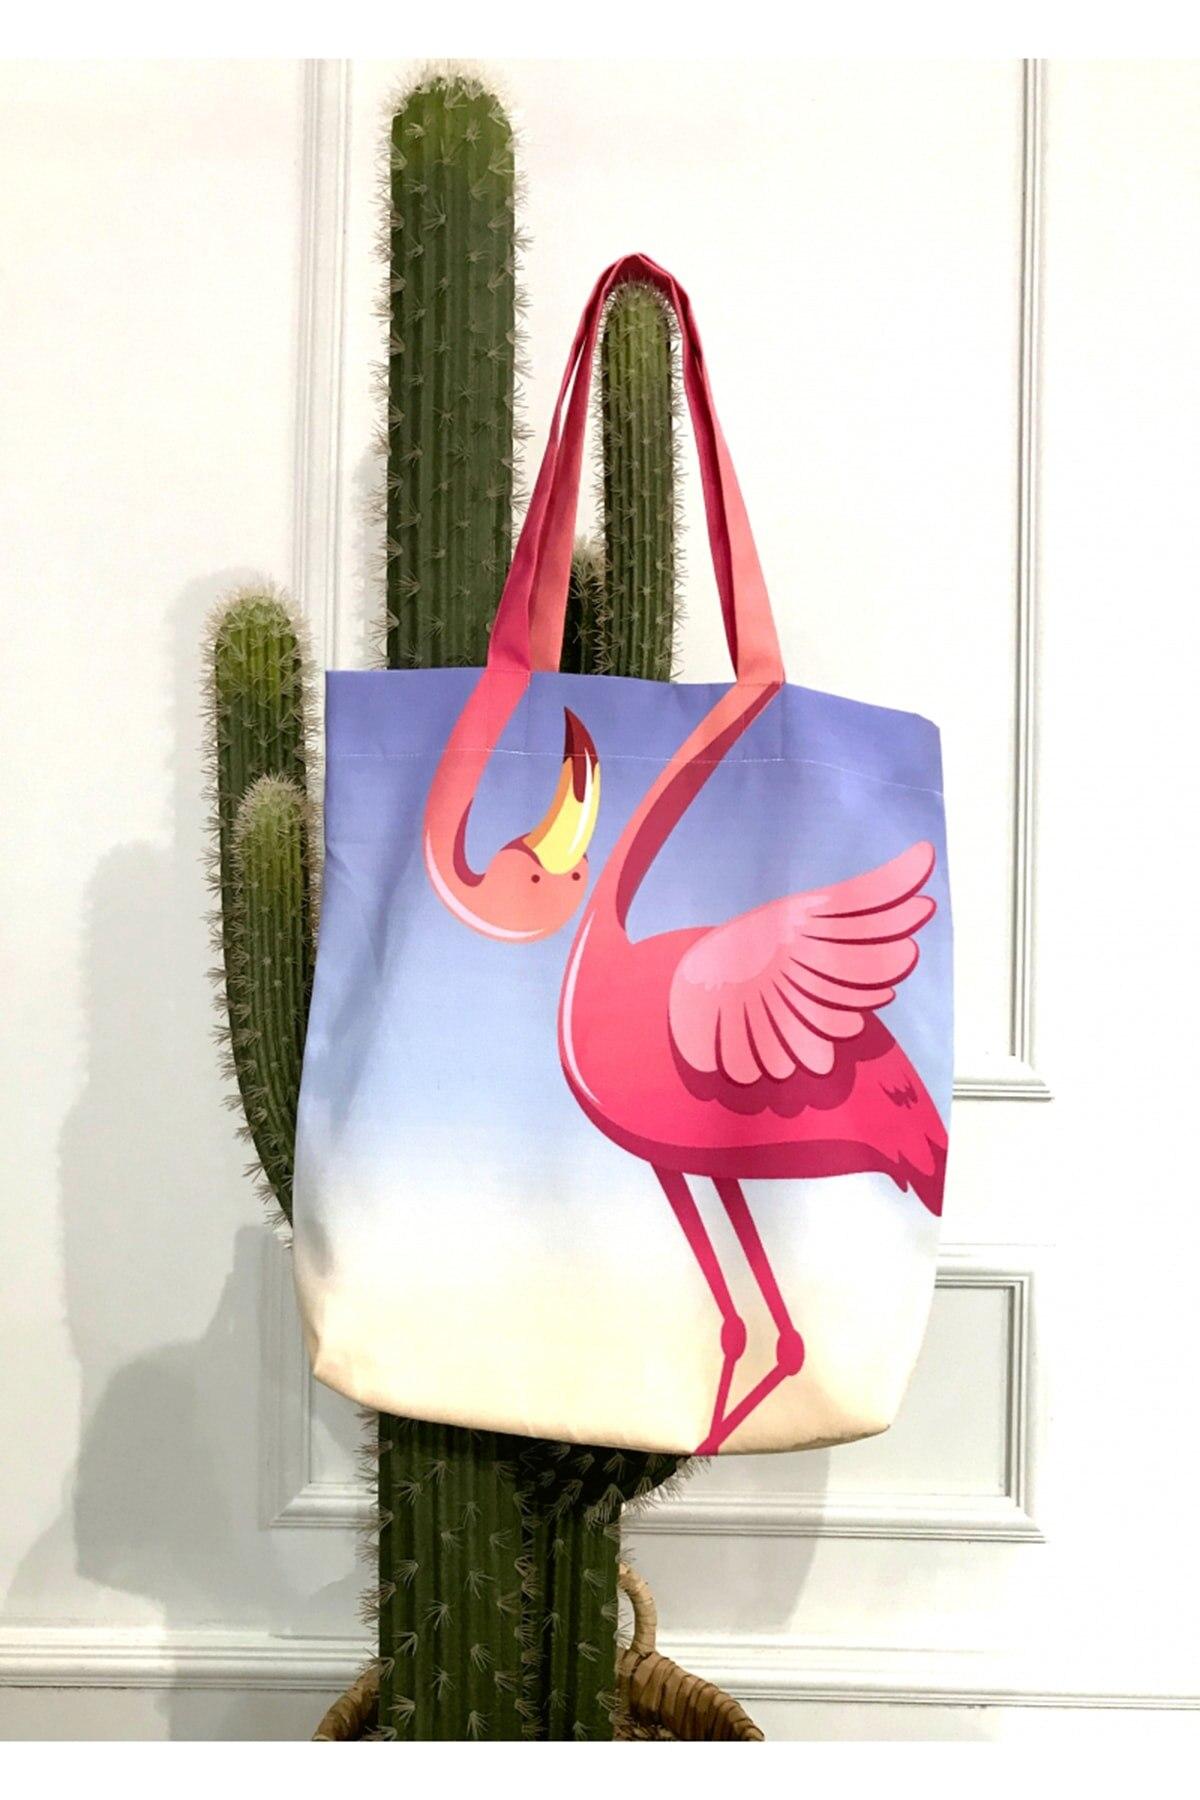 Пляжная сумка | С рисунком Фламинго | Летняя мода 2021 | Модная и шикарная | Многофункциональная | Повседневное использование и подарок | Женска...